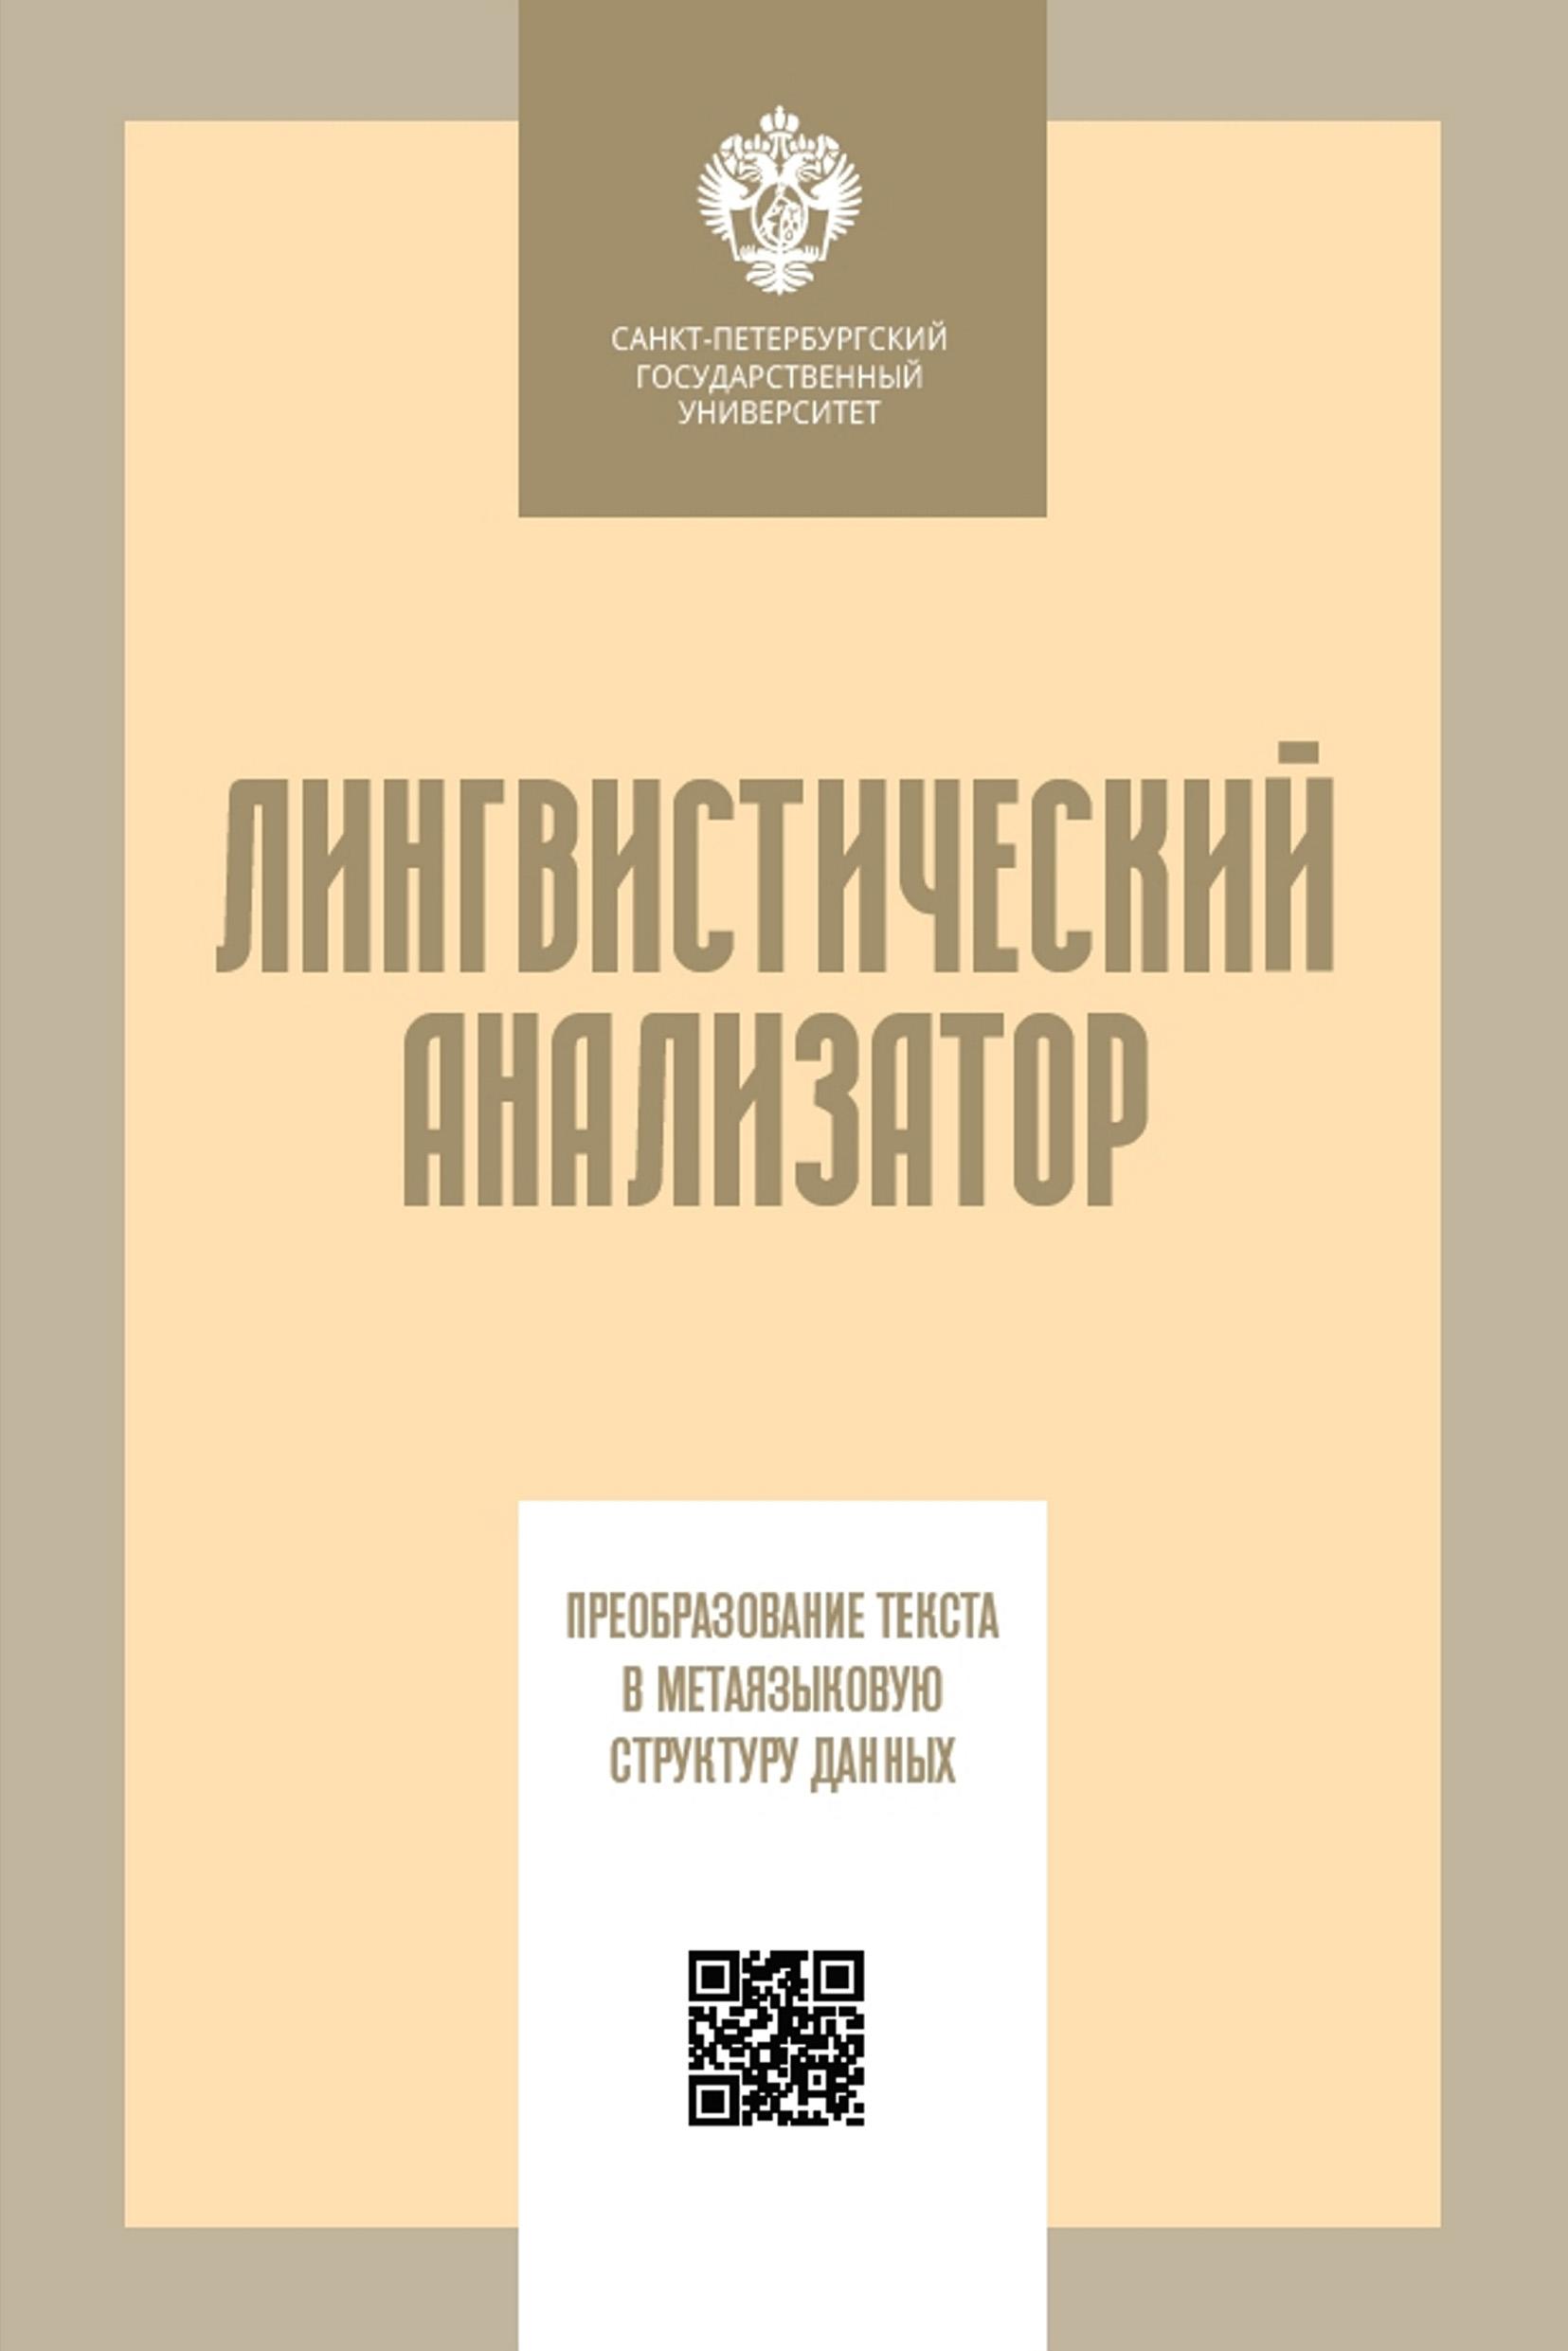 Лингвистический анализатор. Преобразование текста в метаязыковую структуру данных